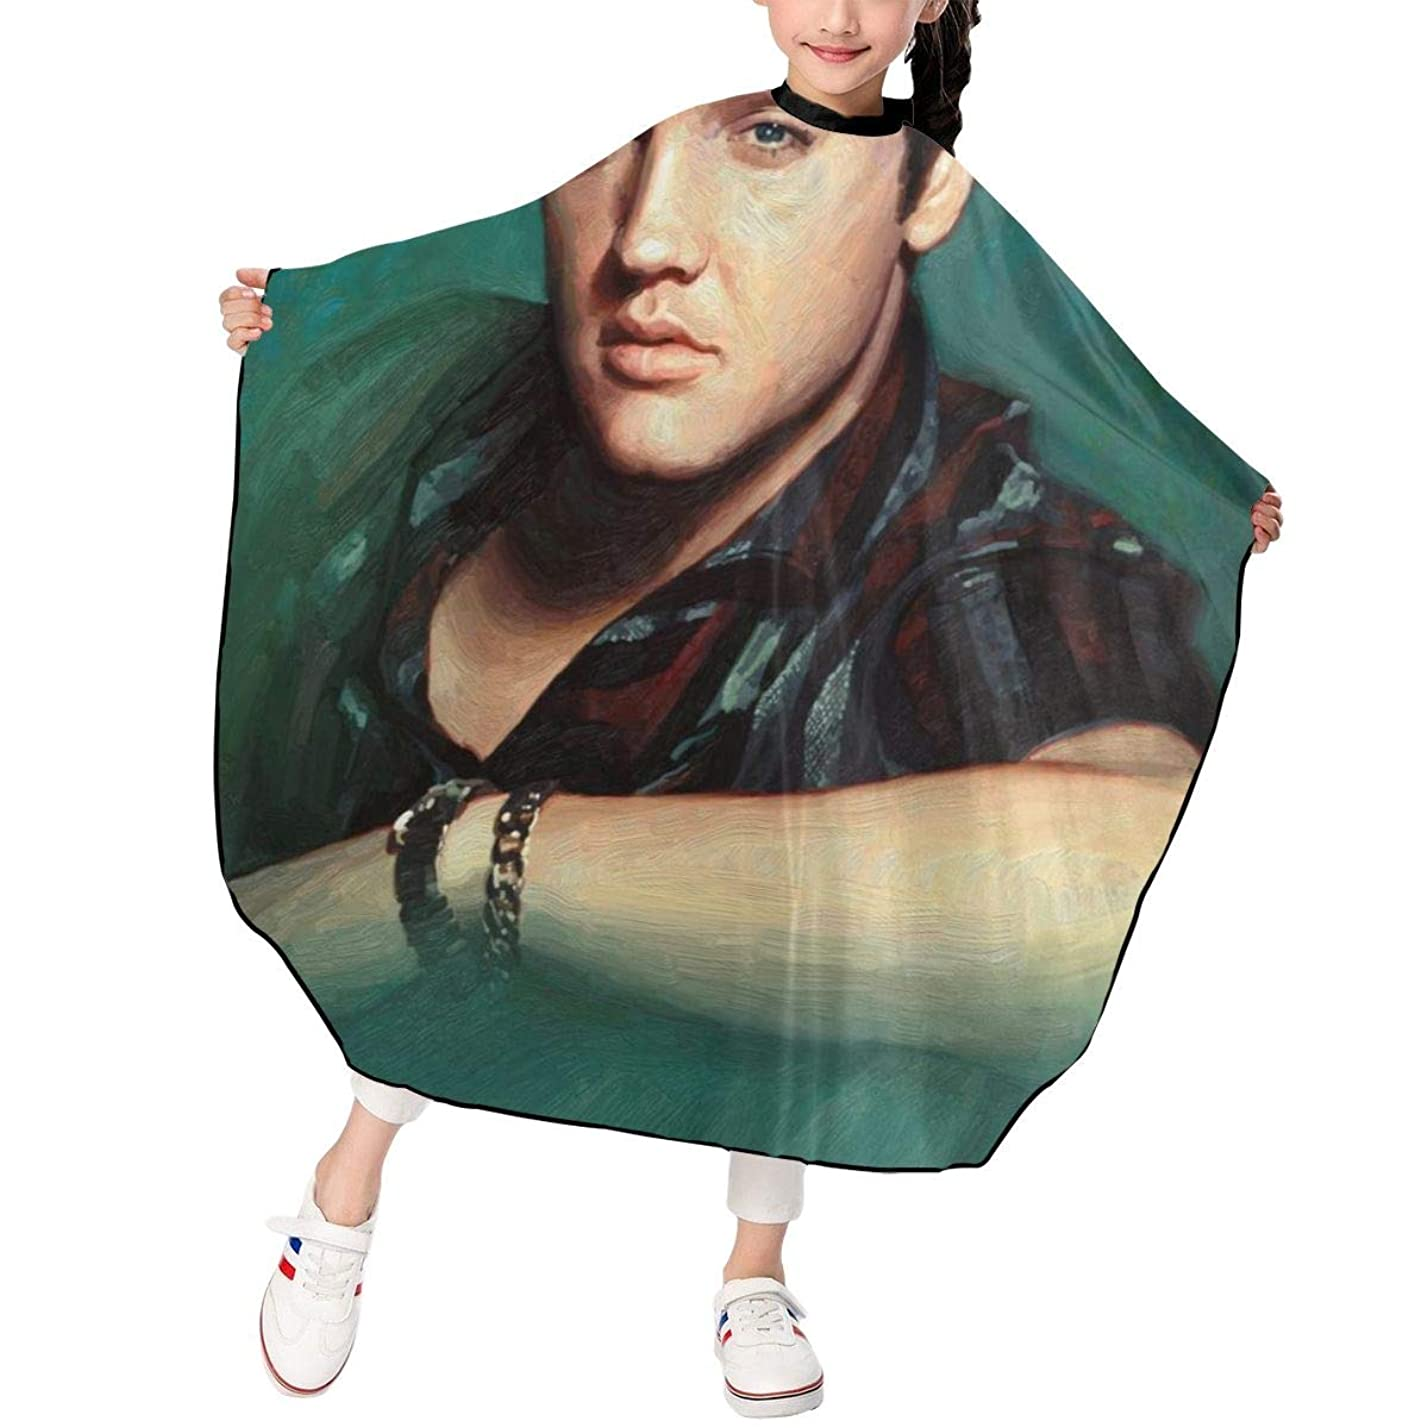 ゲージ四面体海港最新の人気ヘアカットエプロン 子供用ヘアカットエプロン120×100cm 音楽Elvis Presley 柔らかく、軽量で、繊細なポリエステル生地、肌にやさしい、ドライ